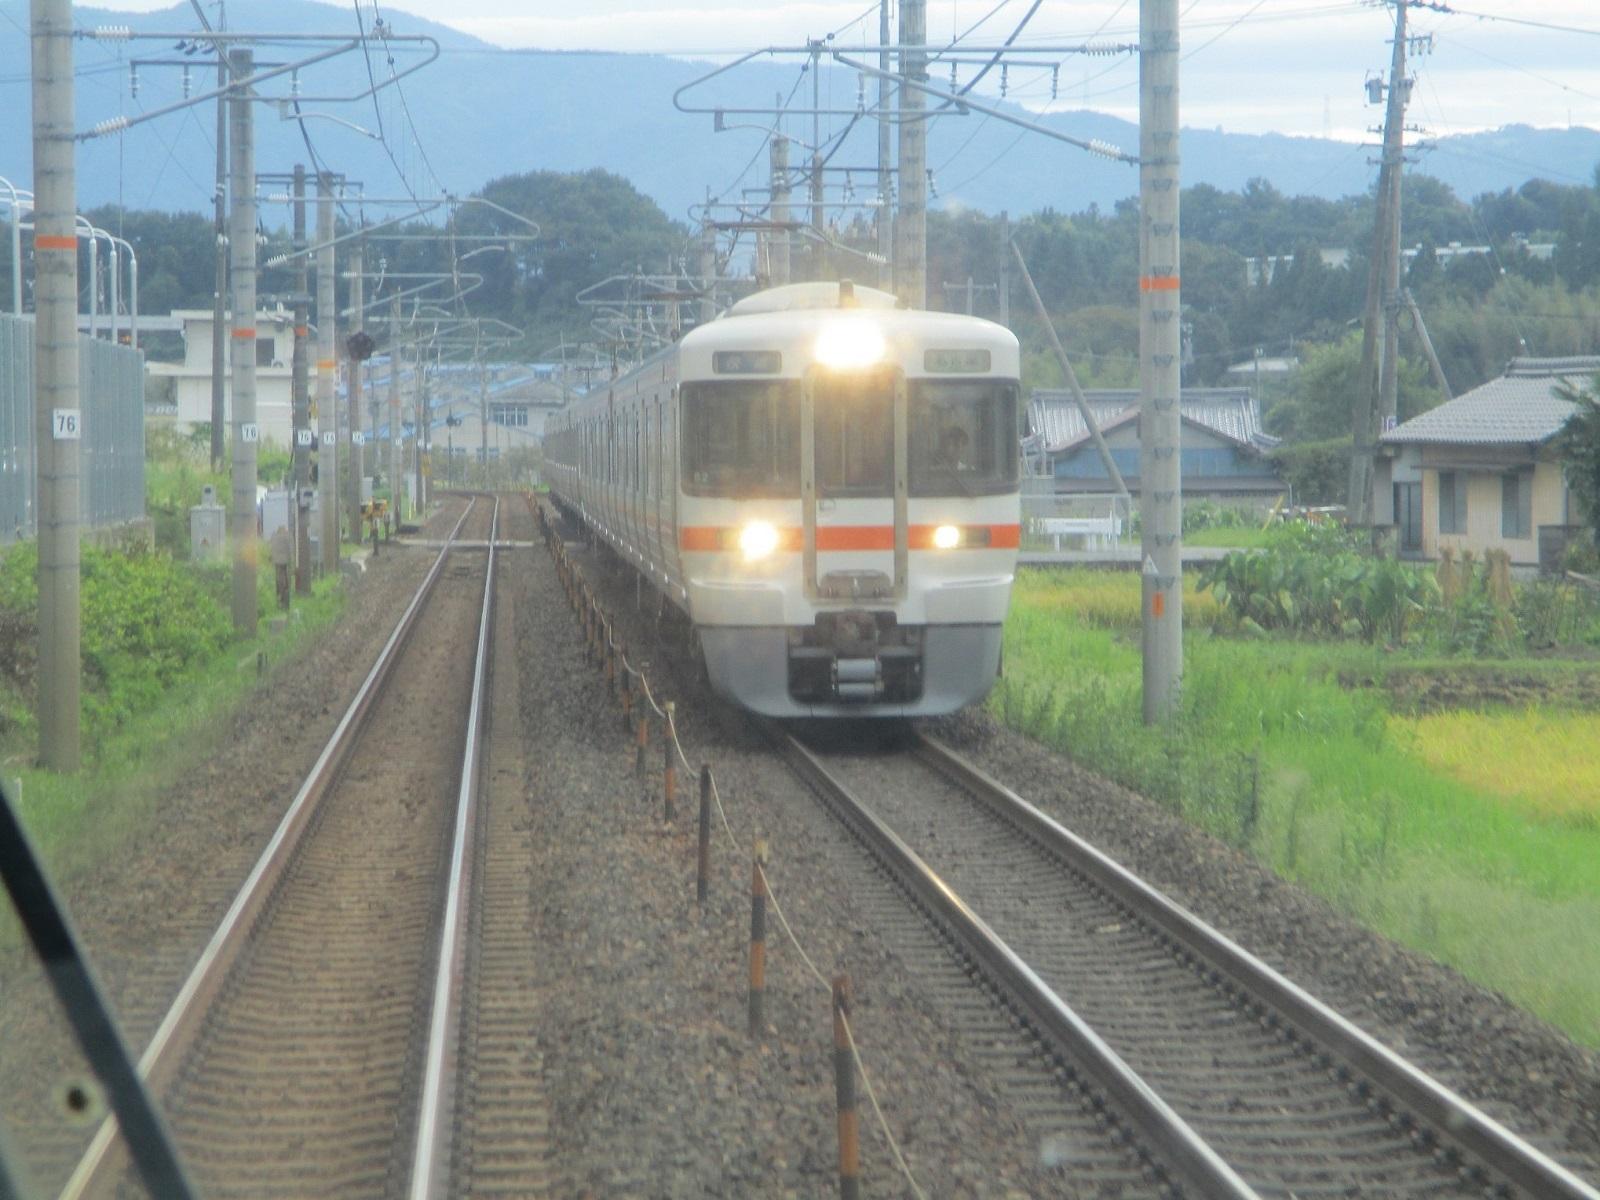 2019.9.22 (6) 中津川いき快速 - 土岐市瑞浪間 1600-1200